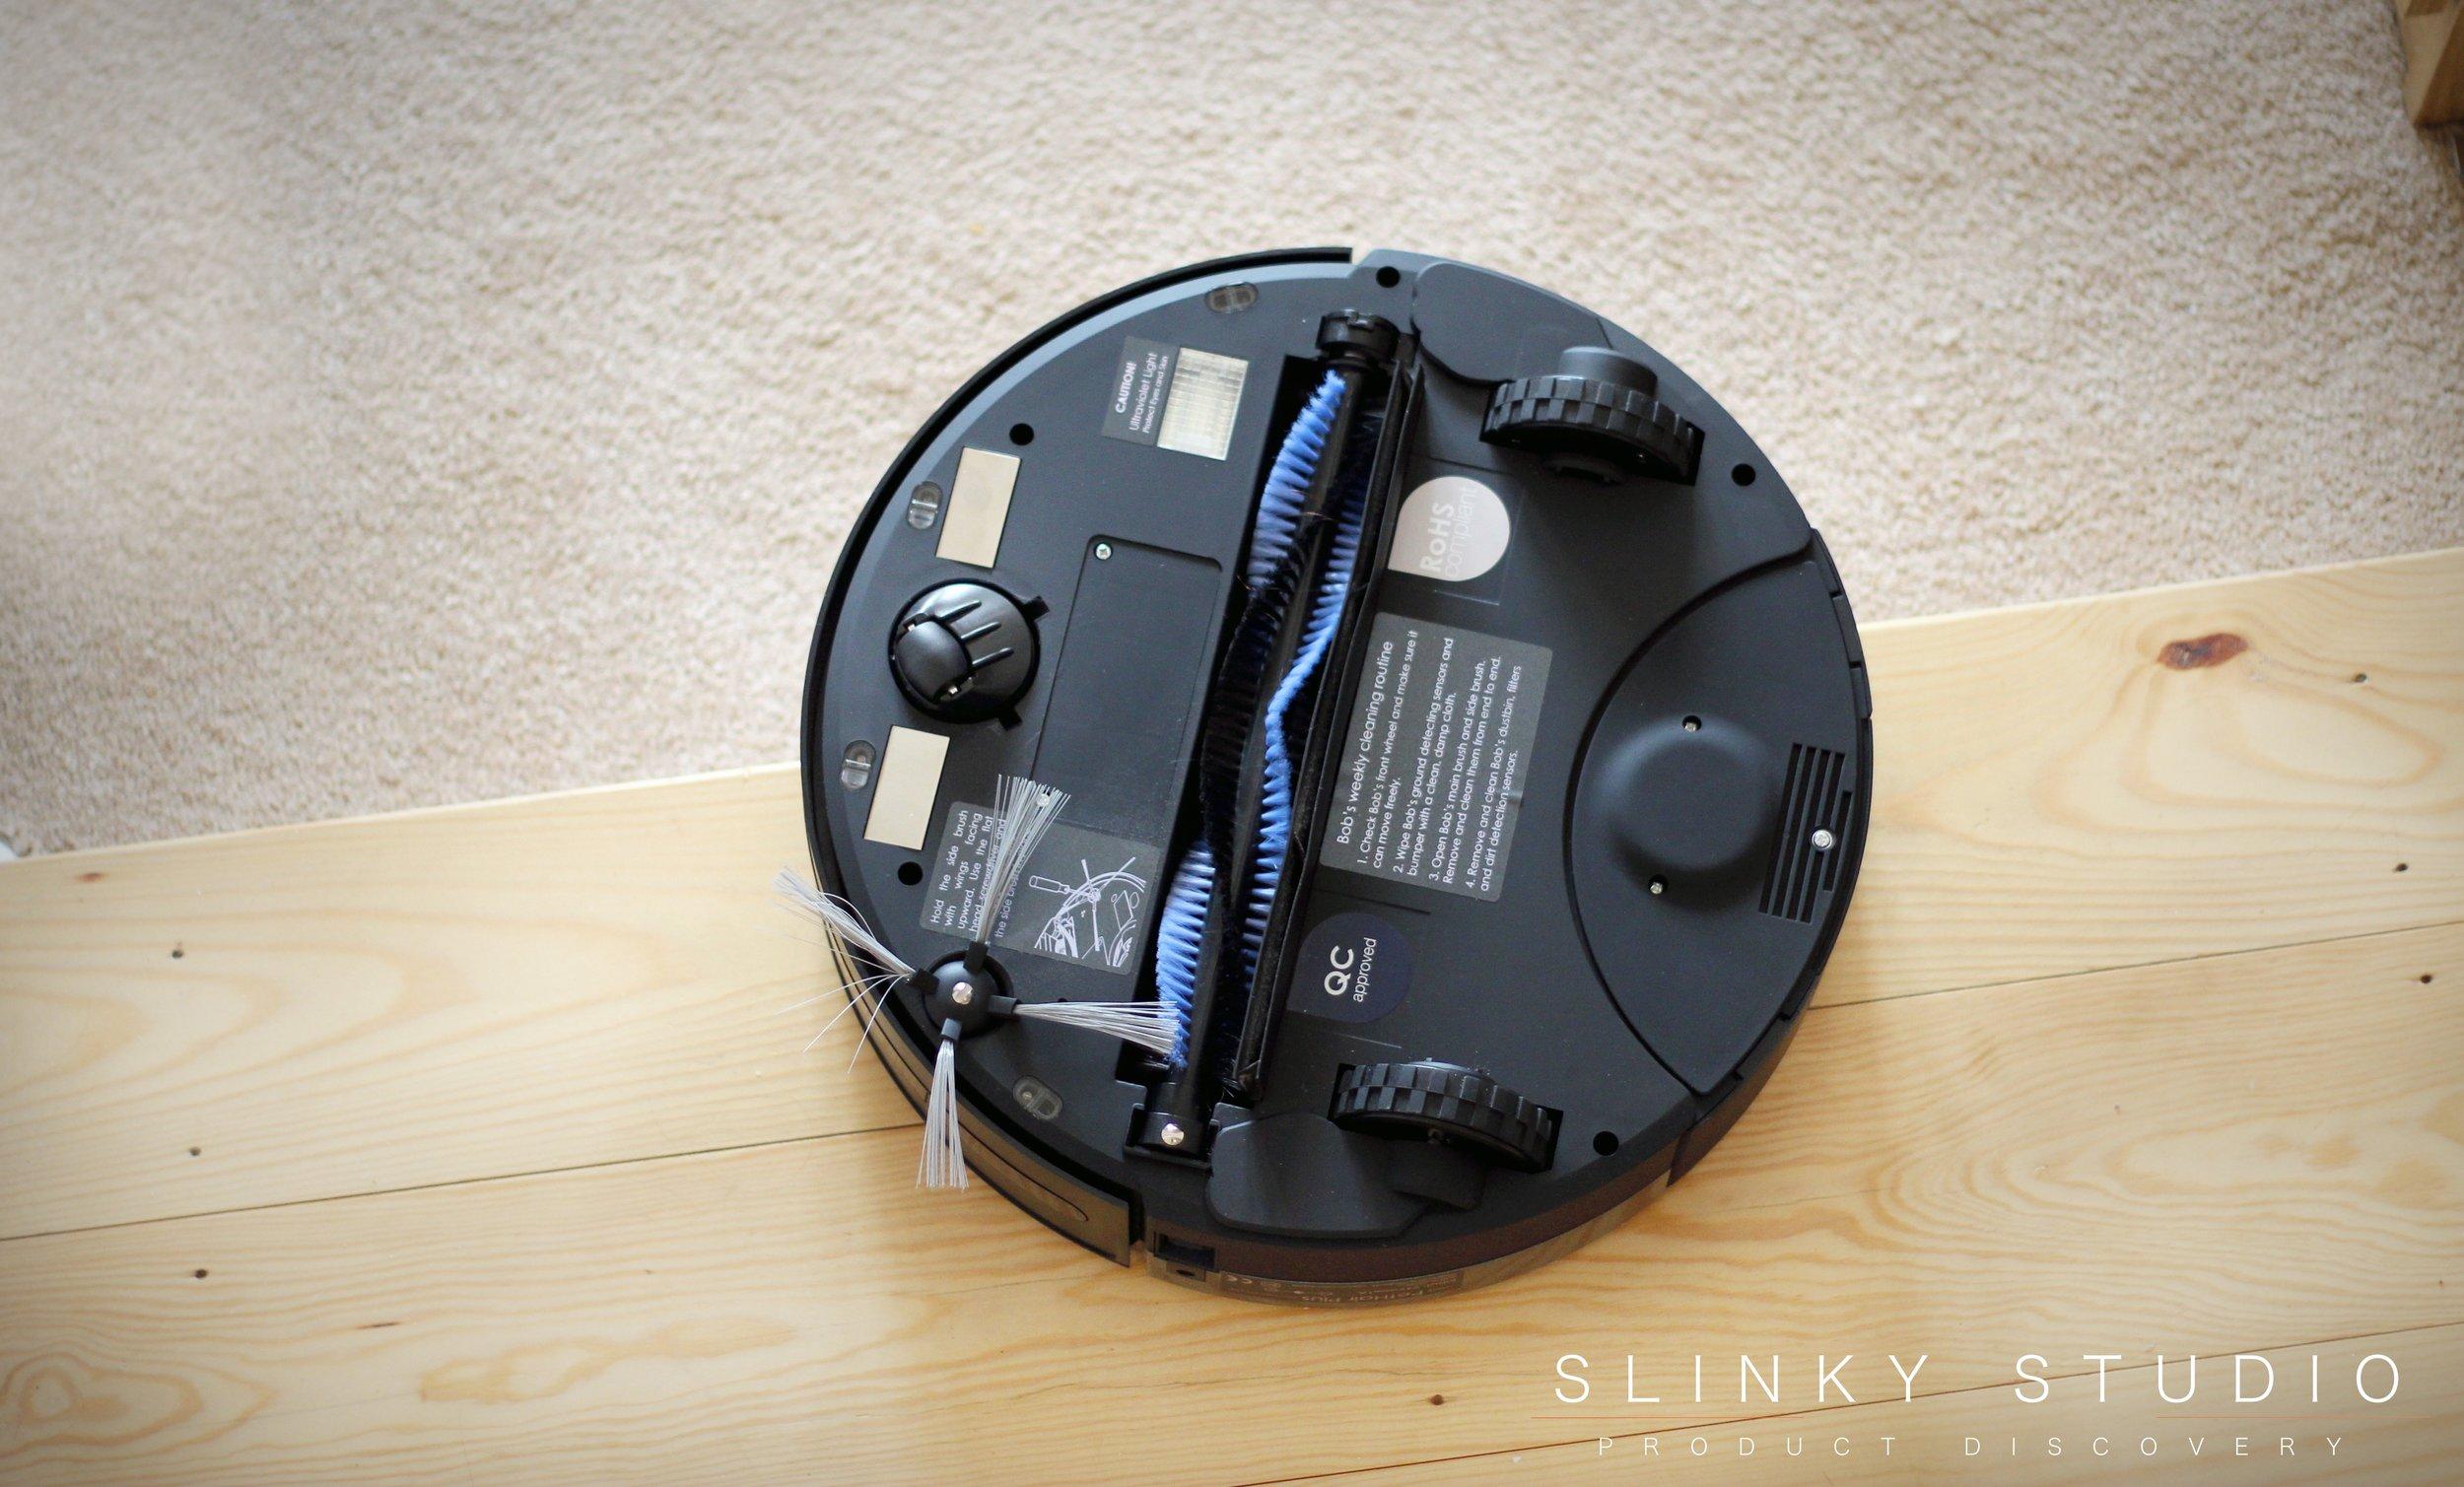 bObsweep PetHair Plus Robot Vacuum Cleaner Brush Bar Underneath.jpg